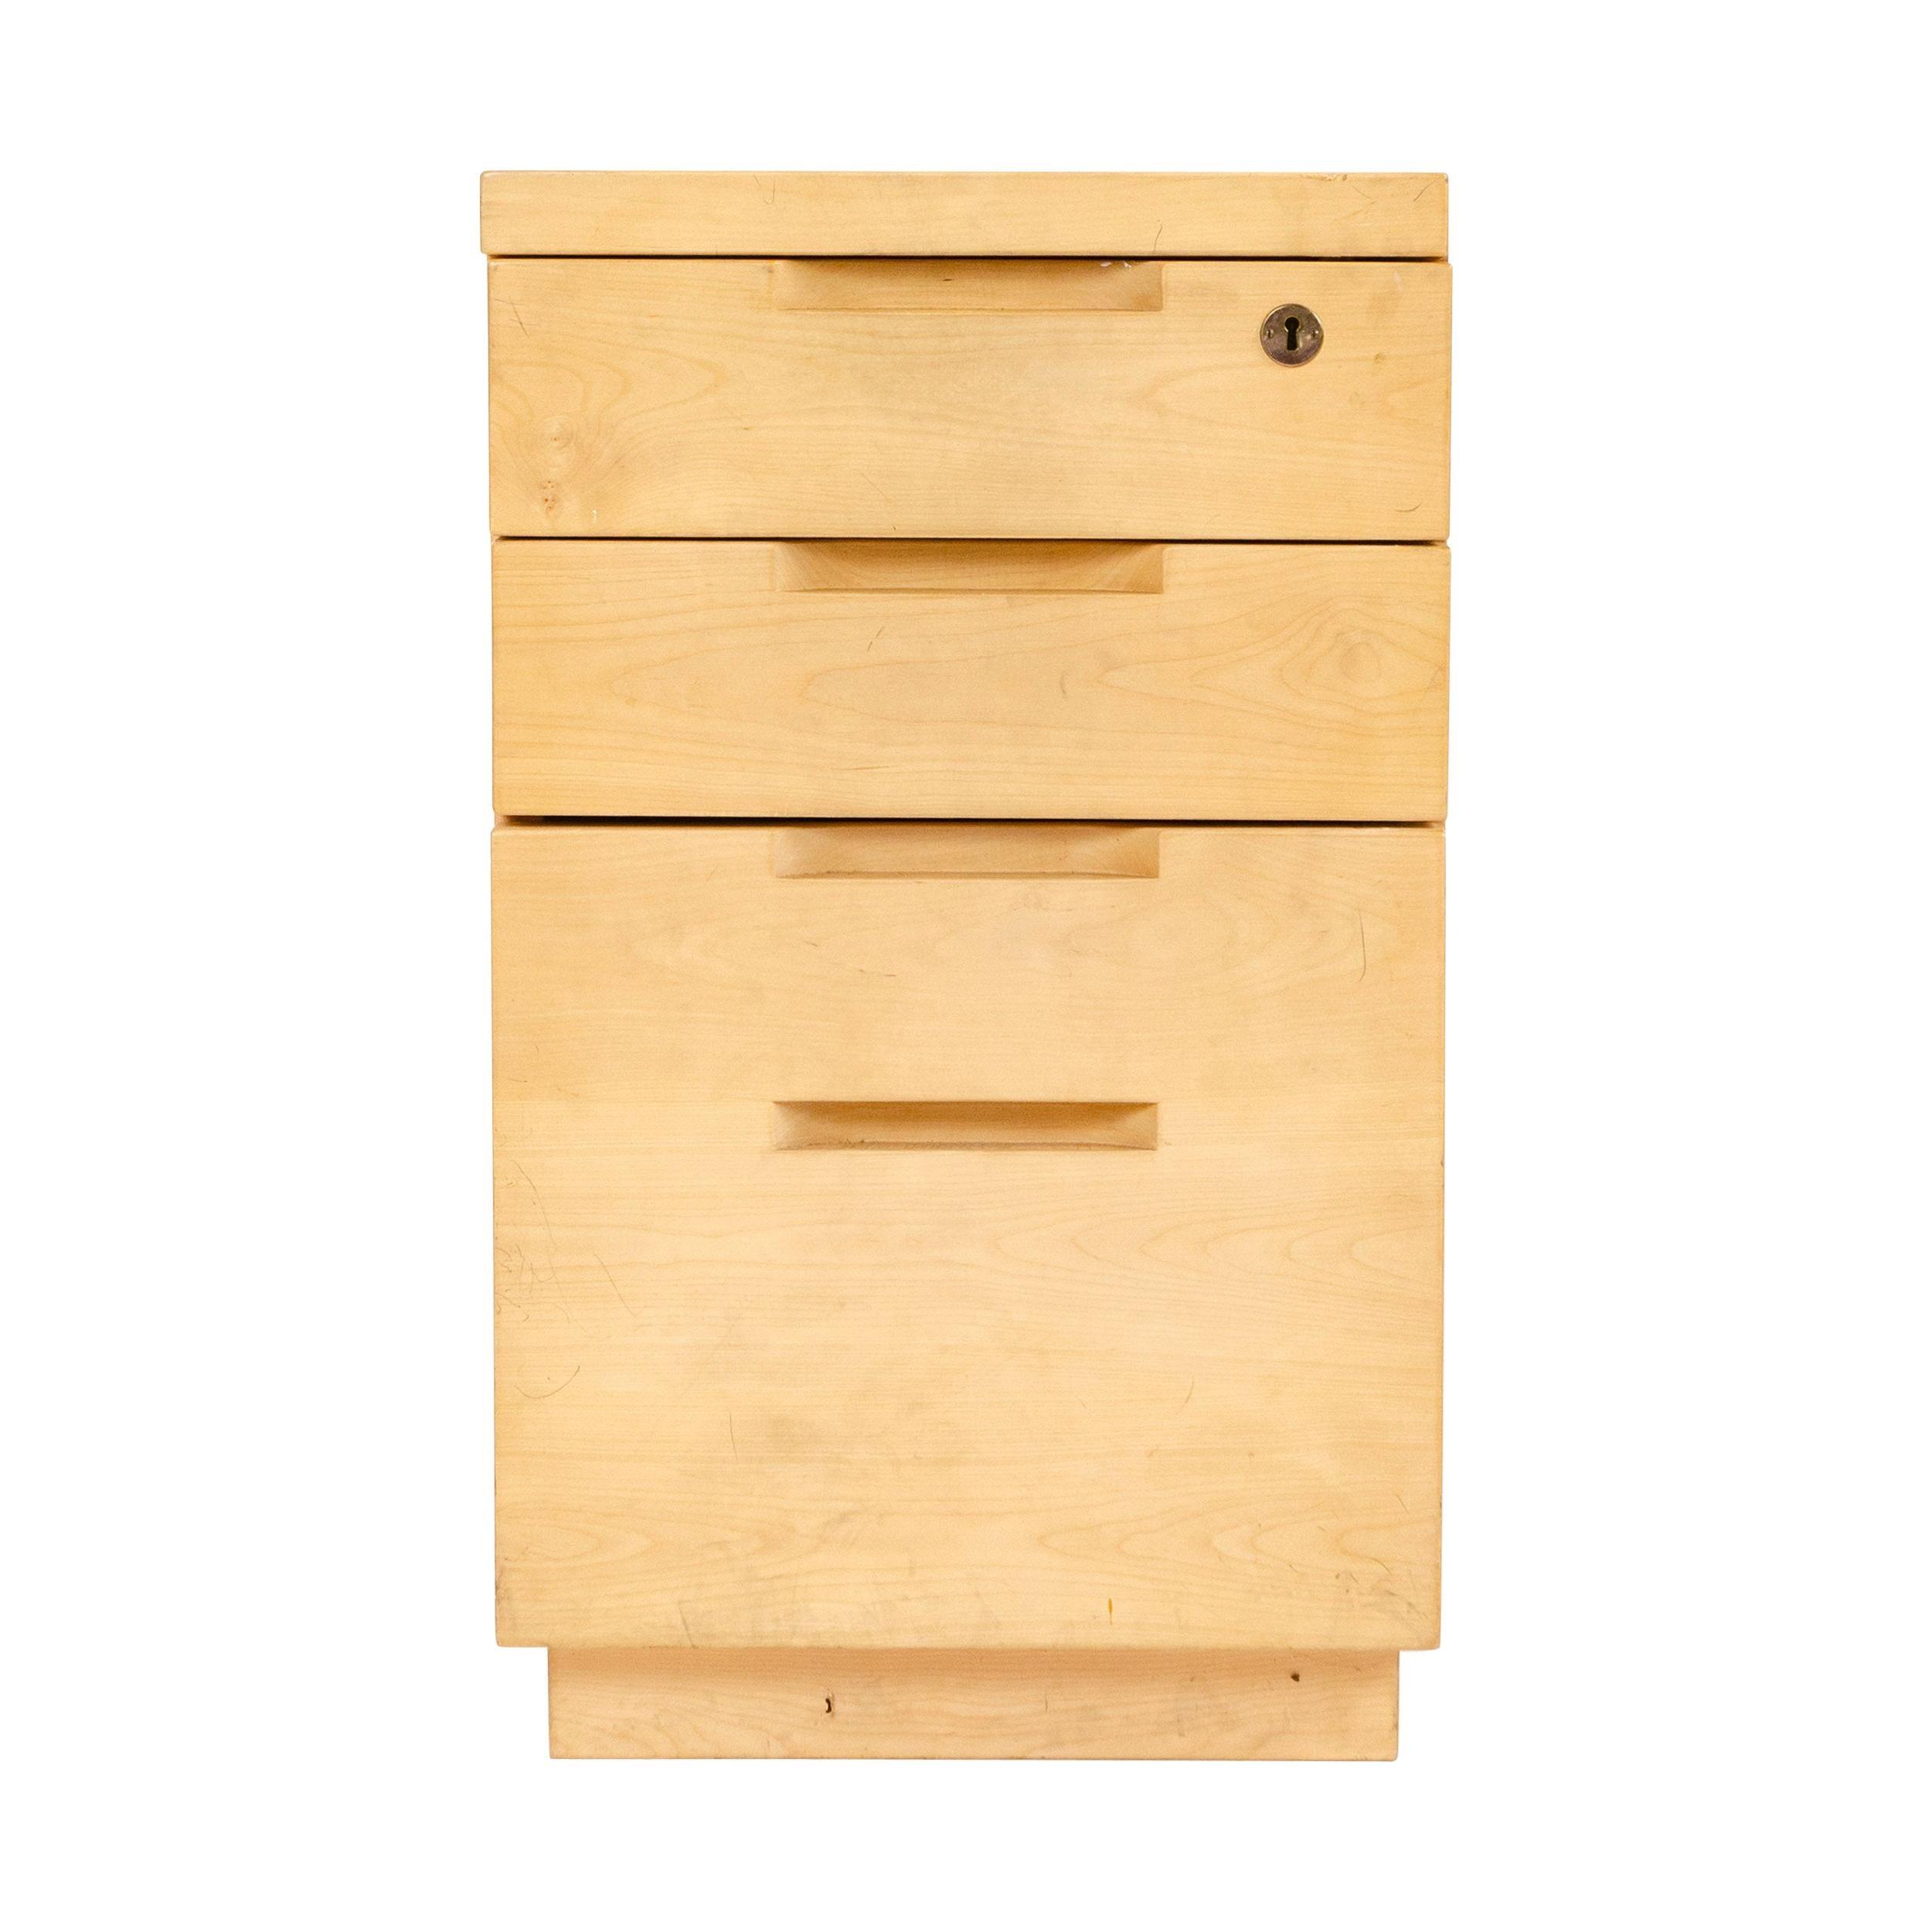 1960s Four-Drawer Cabinet by Alvar Aalto for Artek